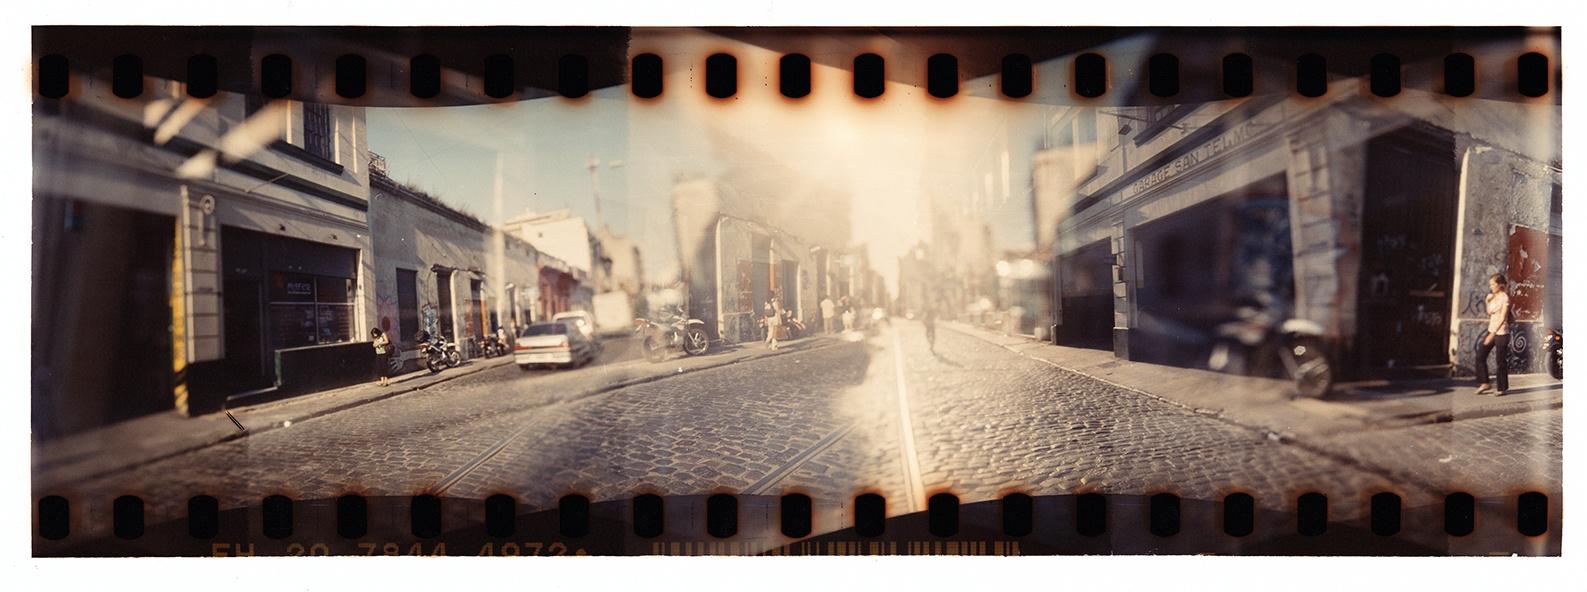 linda cartridge photographer - Las Calles Estados Unidos